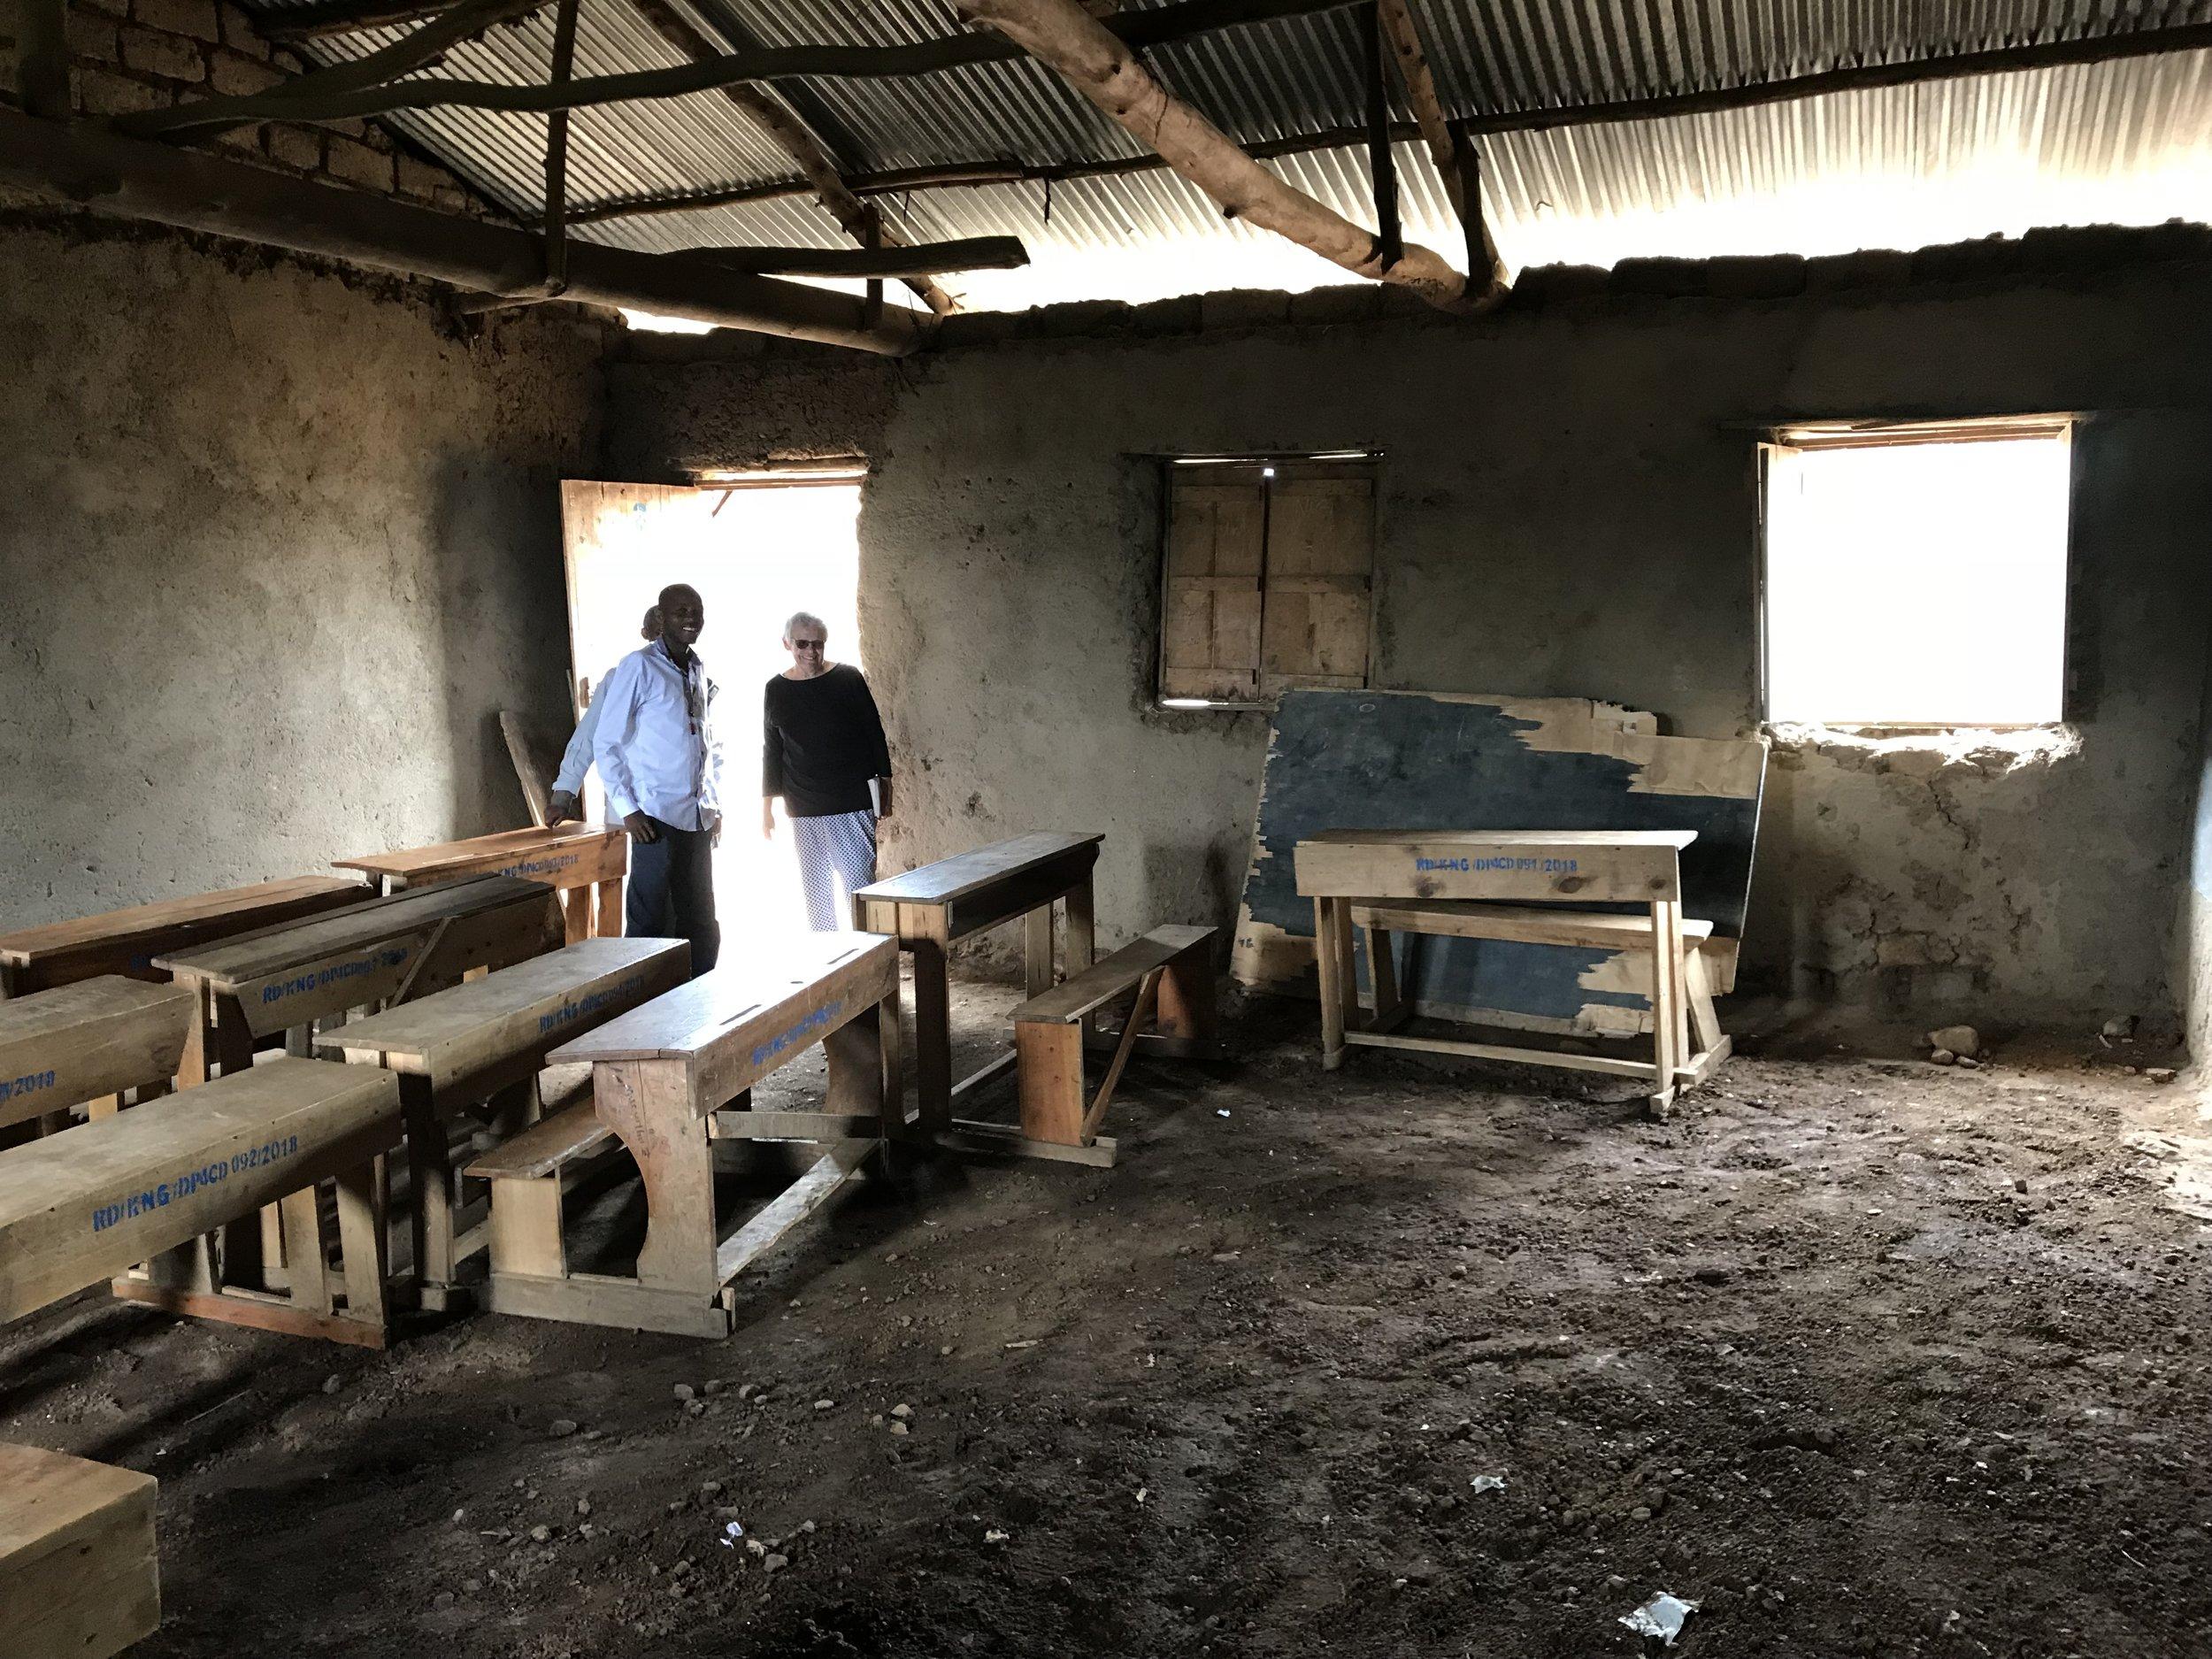 Pre-existing nursery room